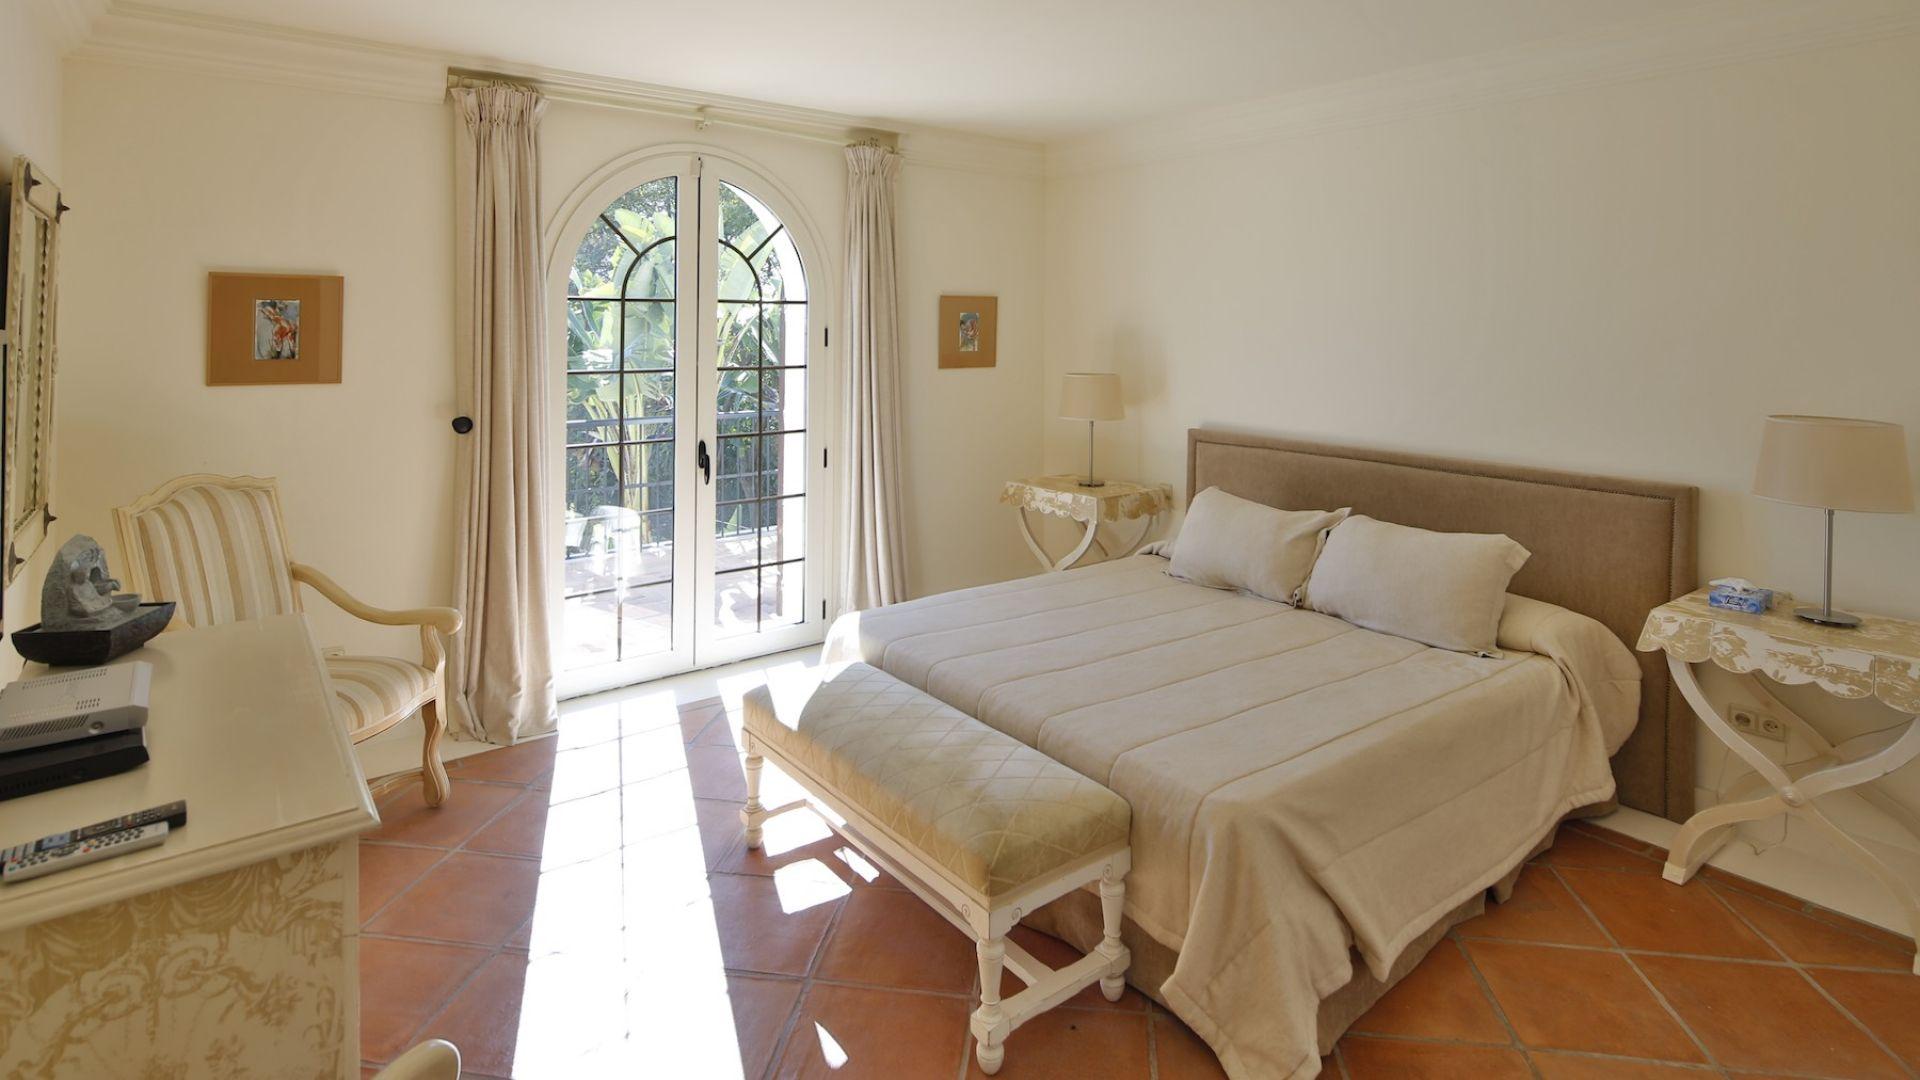 Villa for Sale in El Paraiso Barronal, Estepona